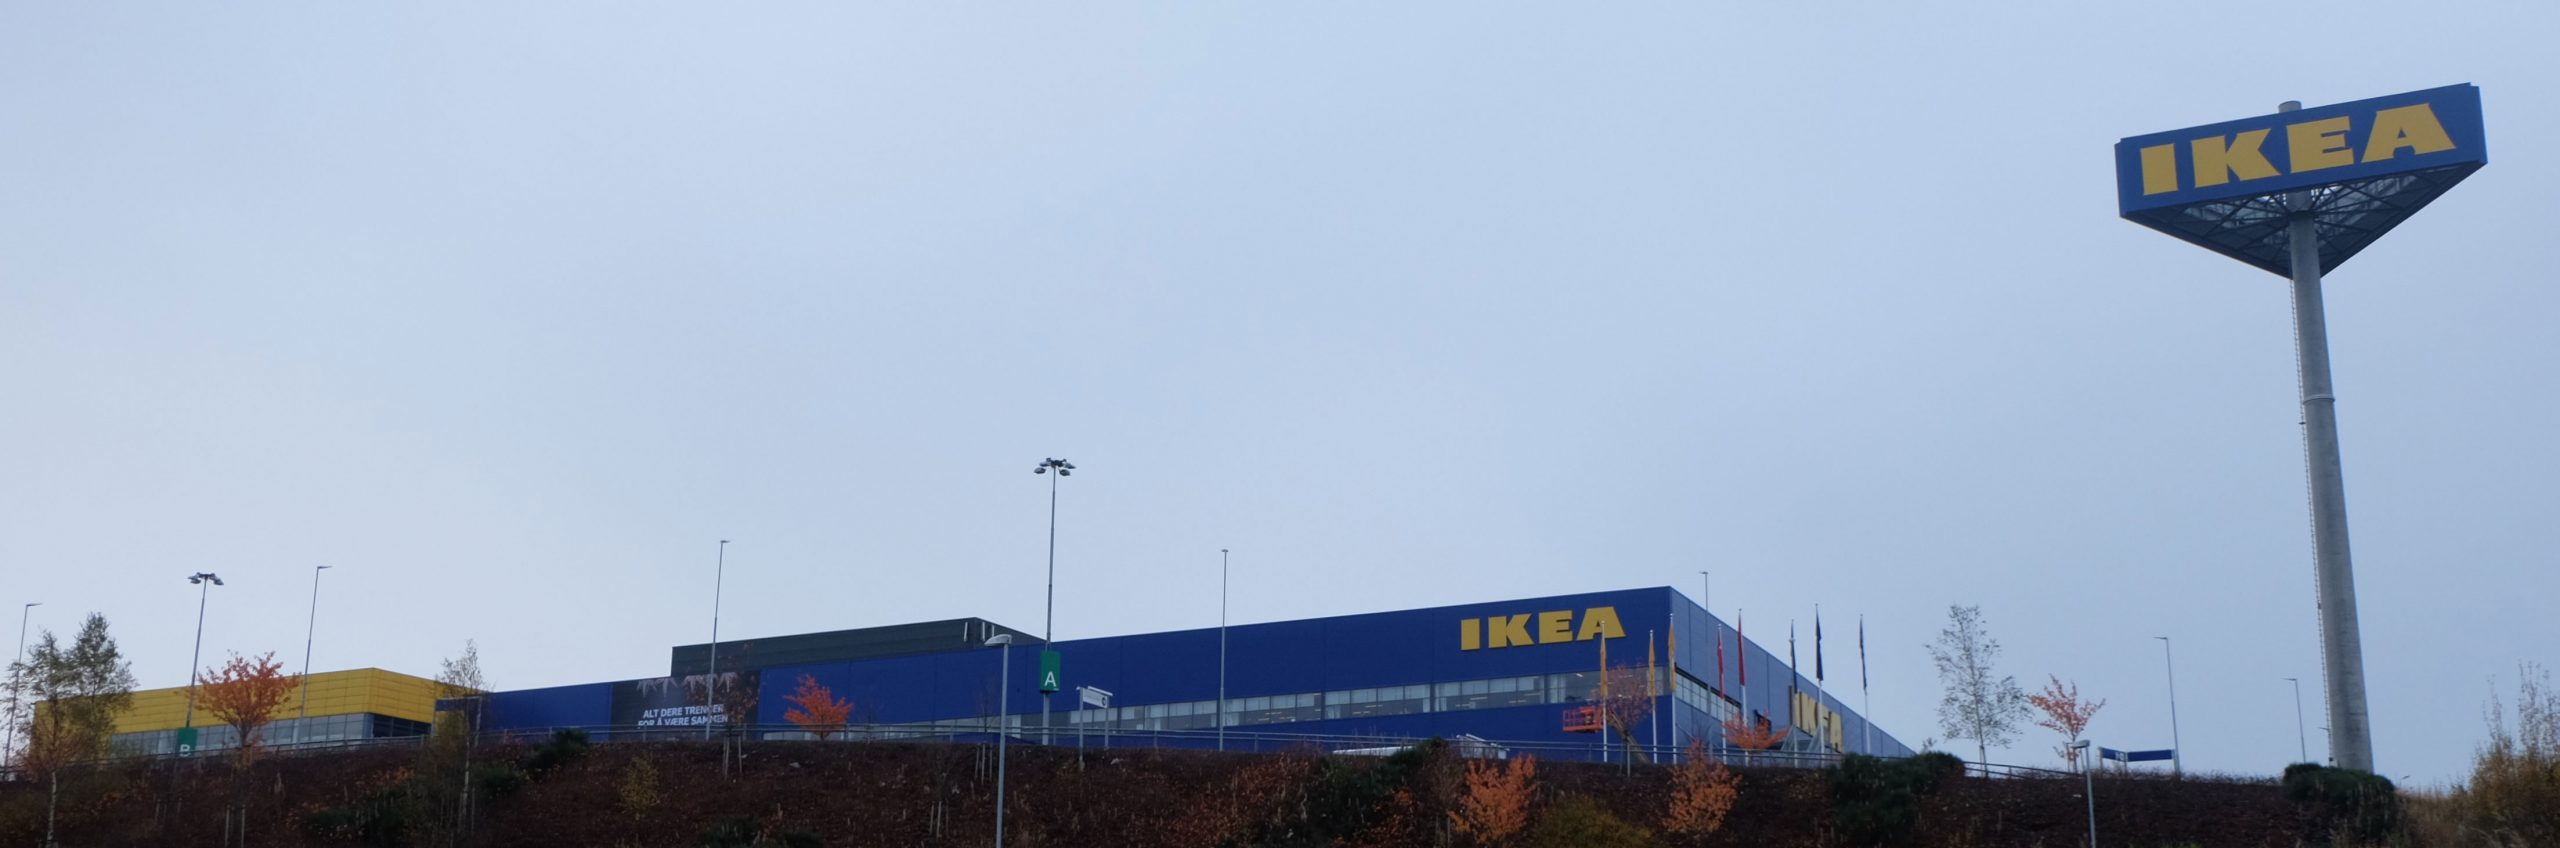 IKEA Sørlandet fikk en utfordring å håndtere. (Arkivfoto: Odd Henrik Vanebo)